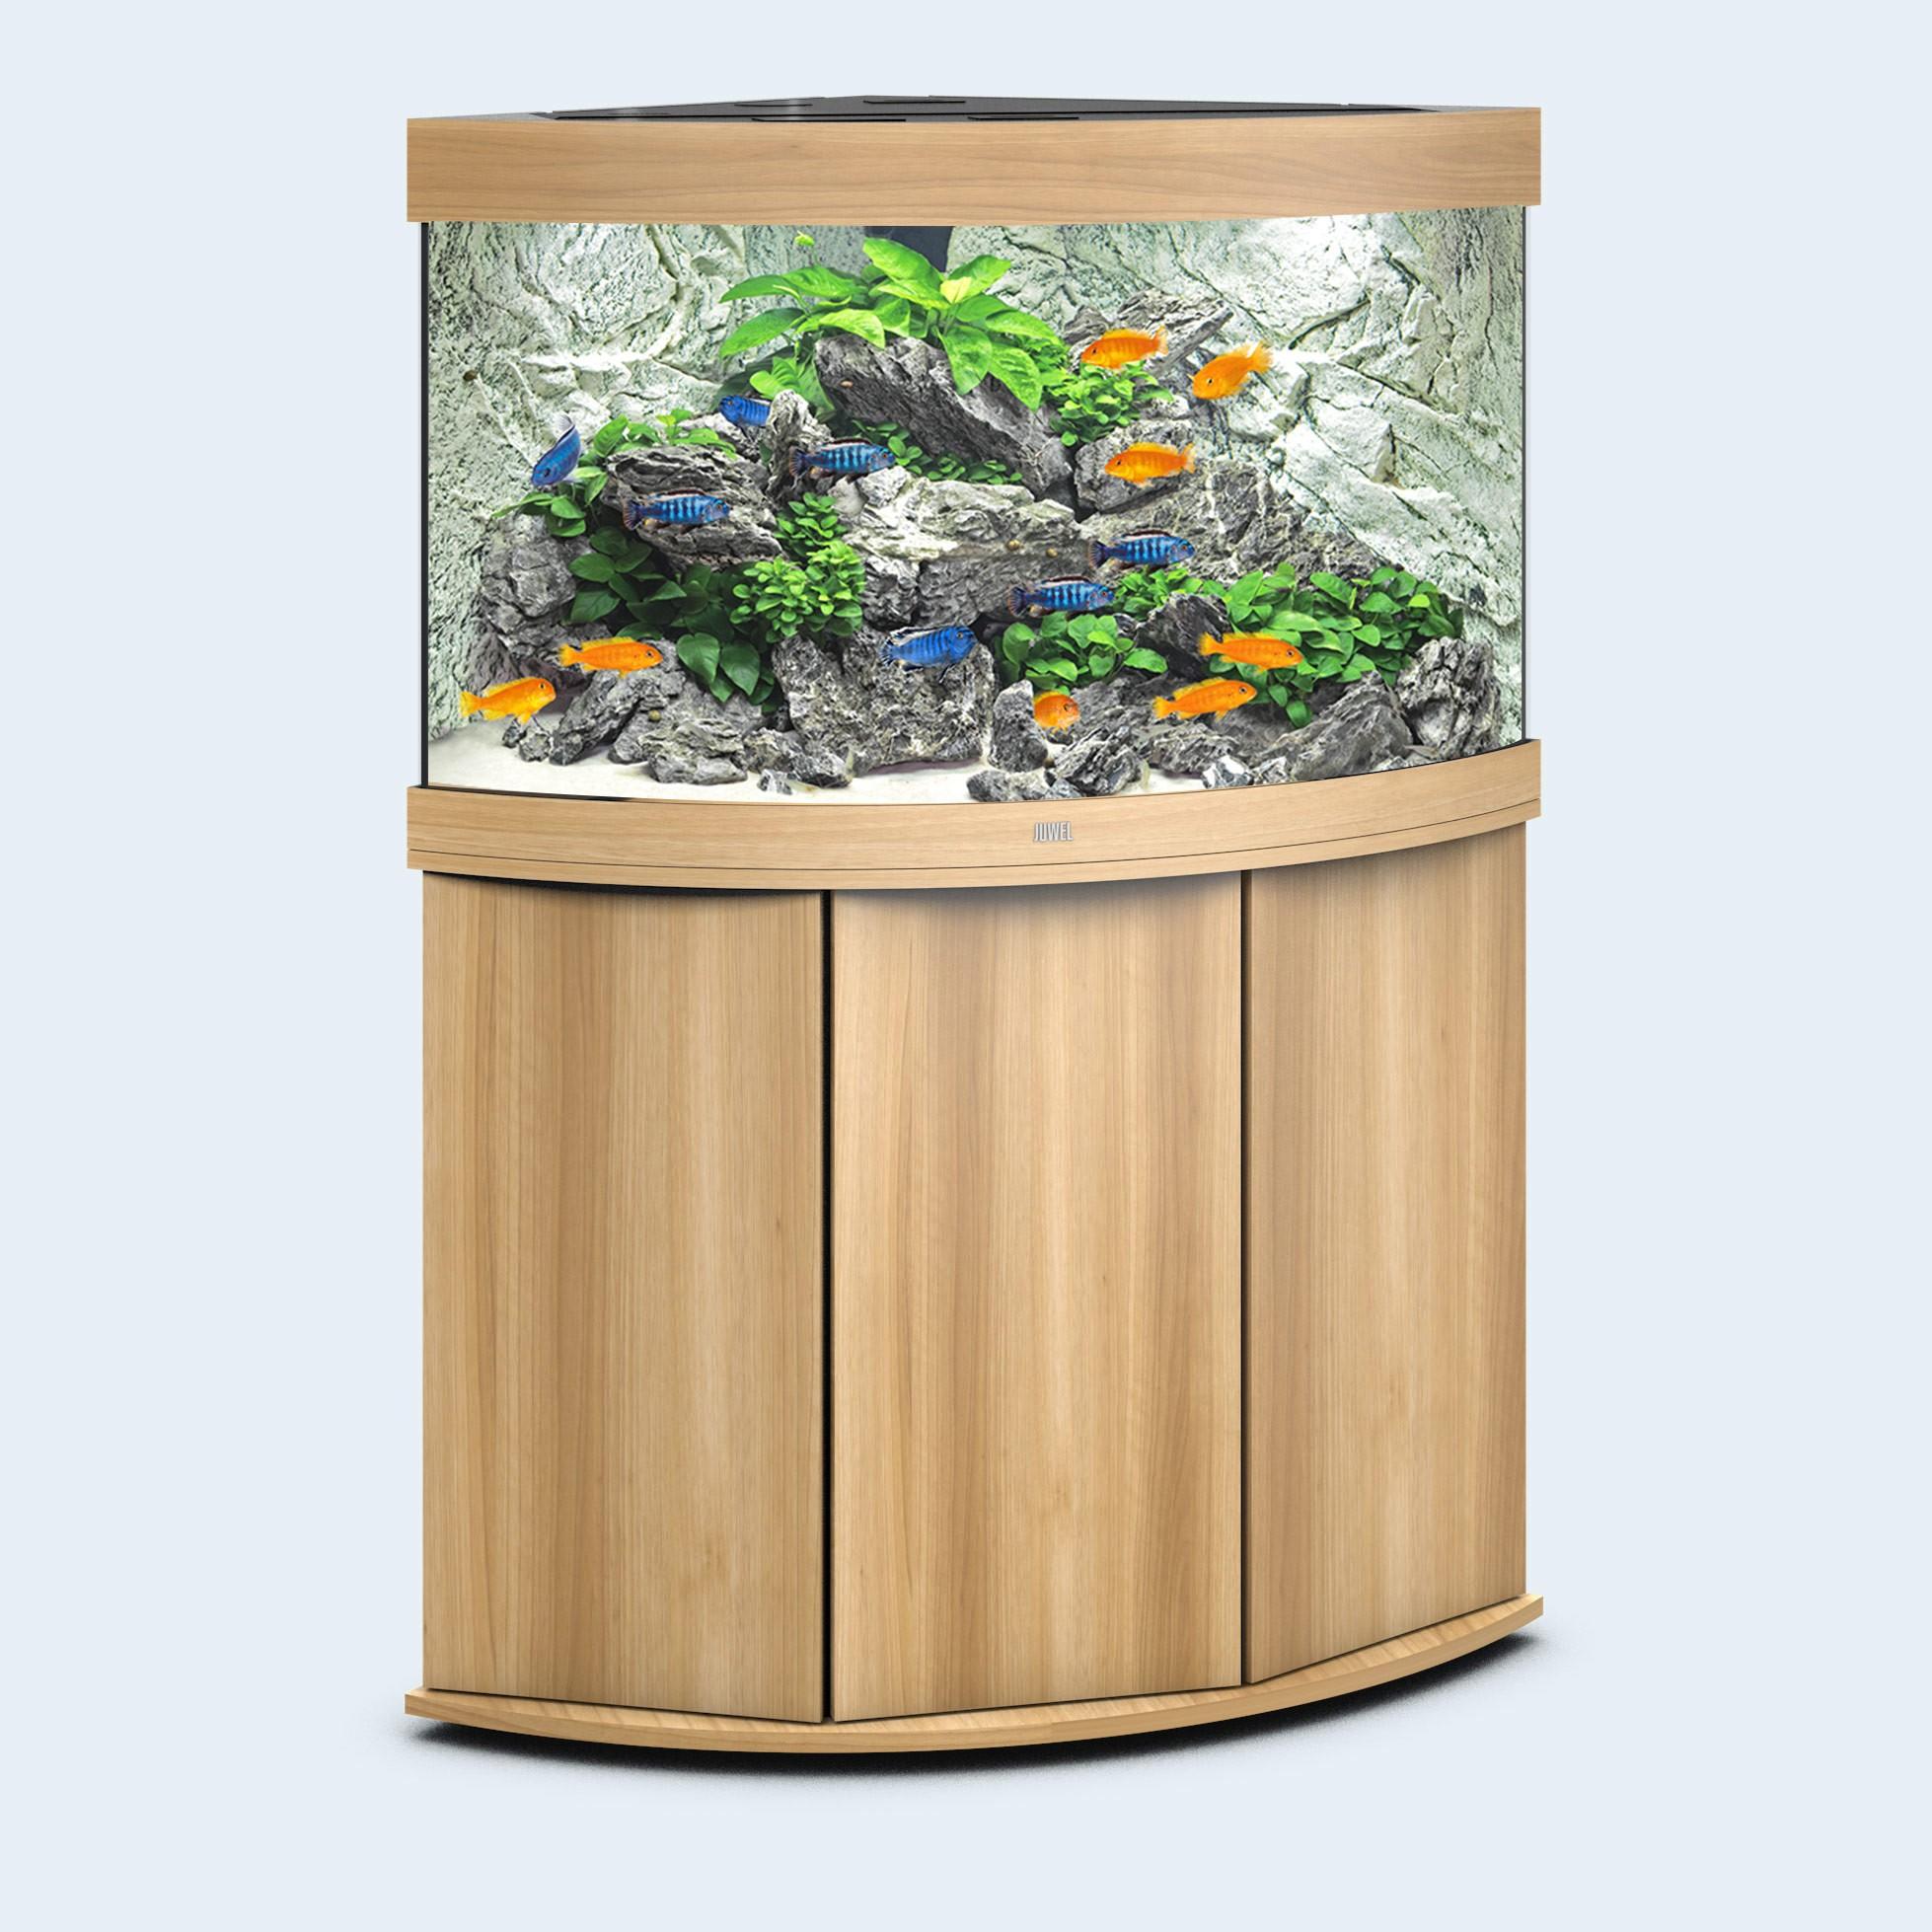 Juwel Trigon 190 liter lyst træ med underskab og Ledlys